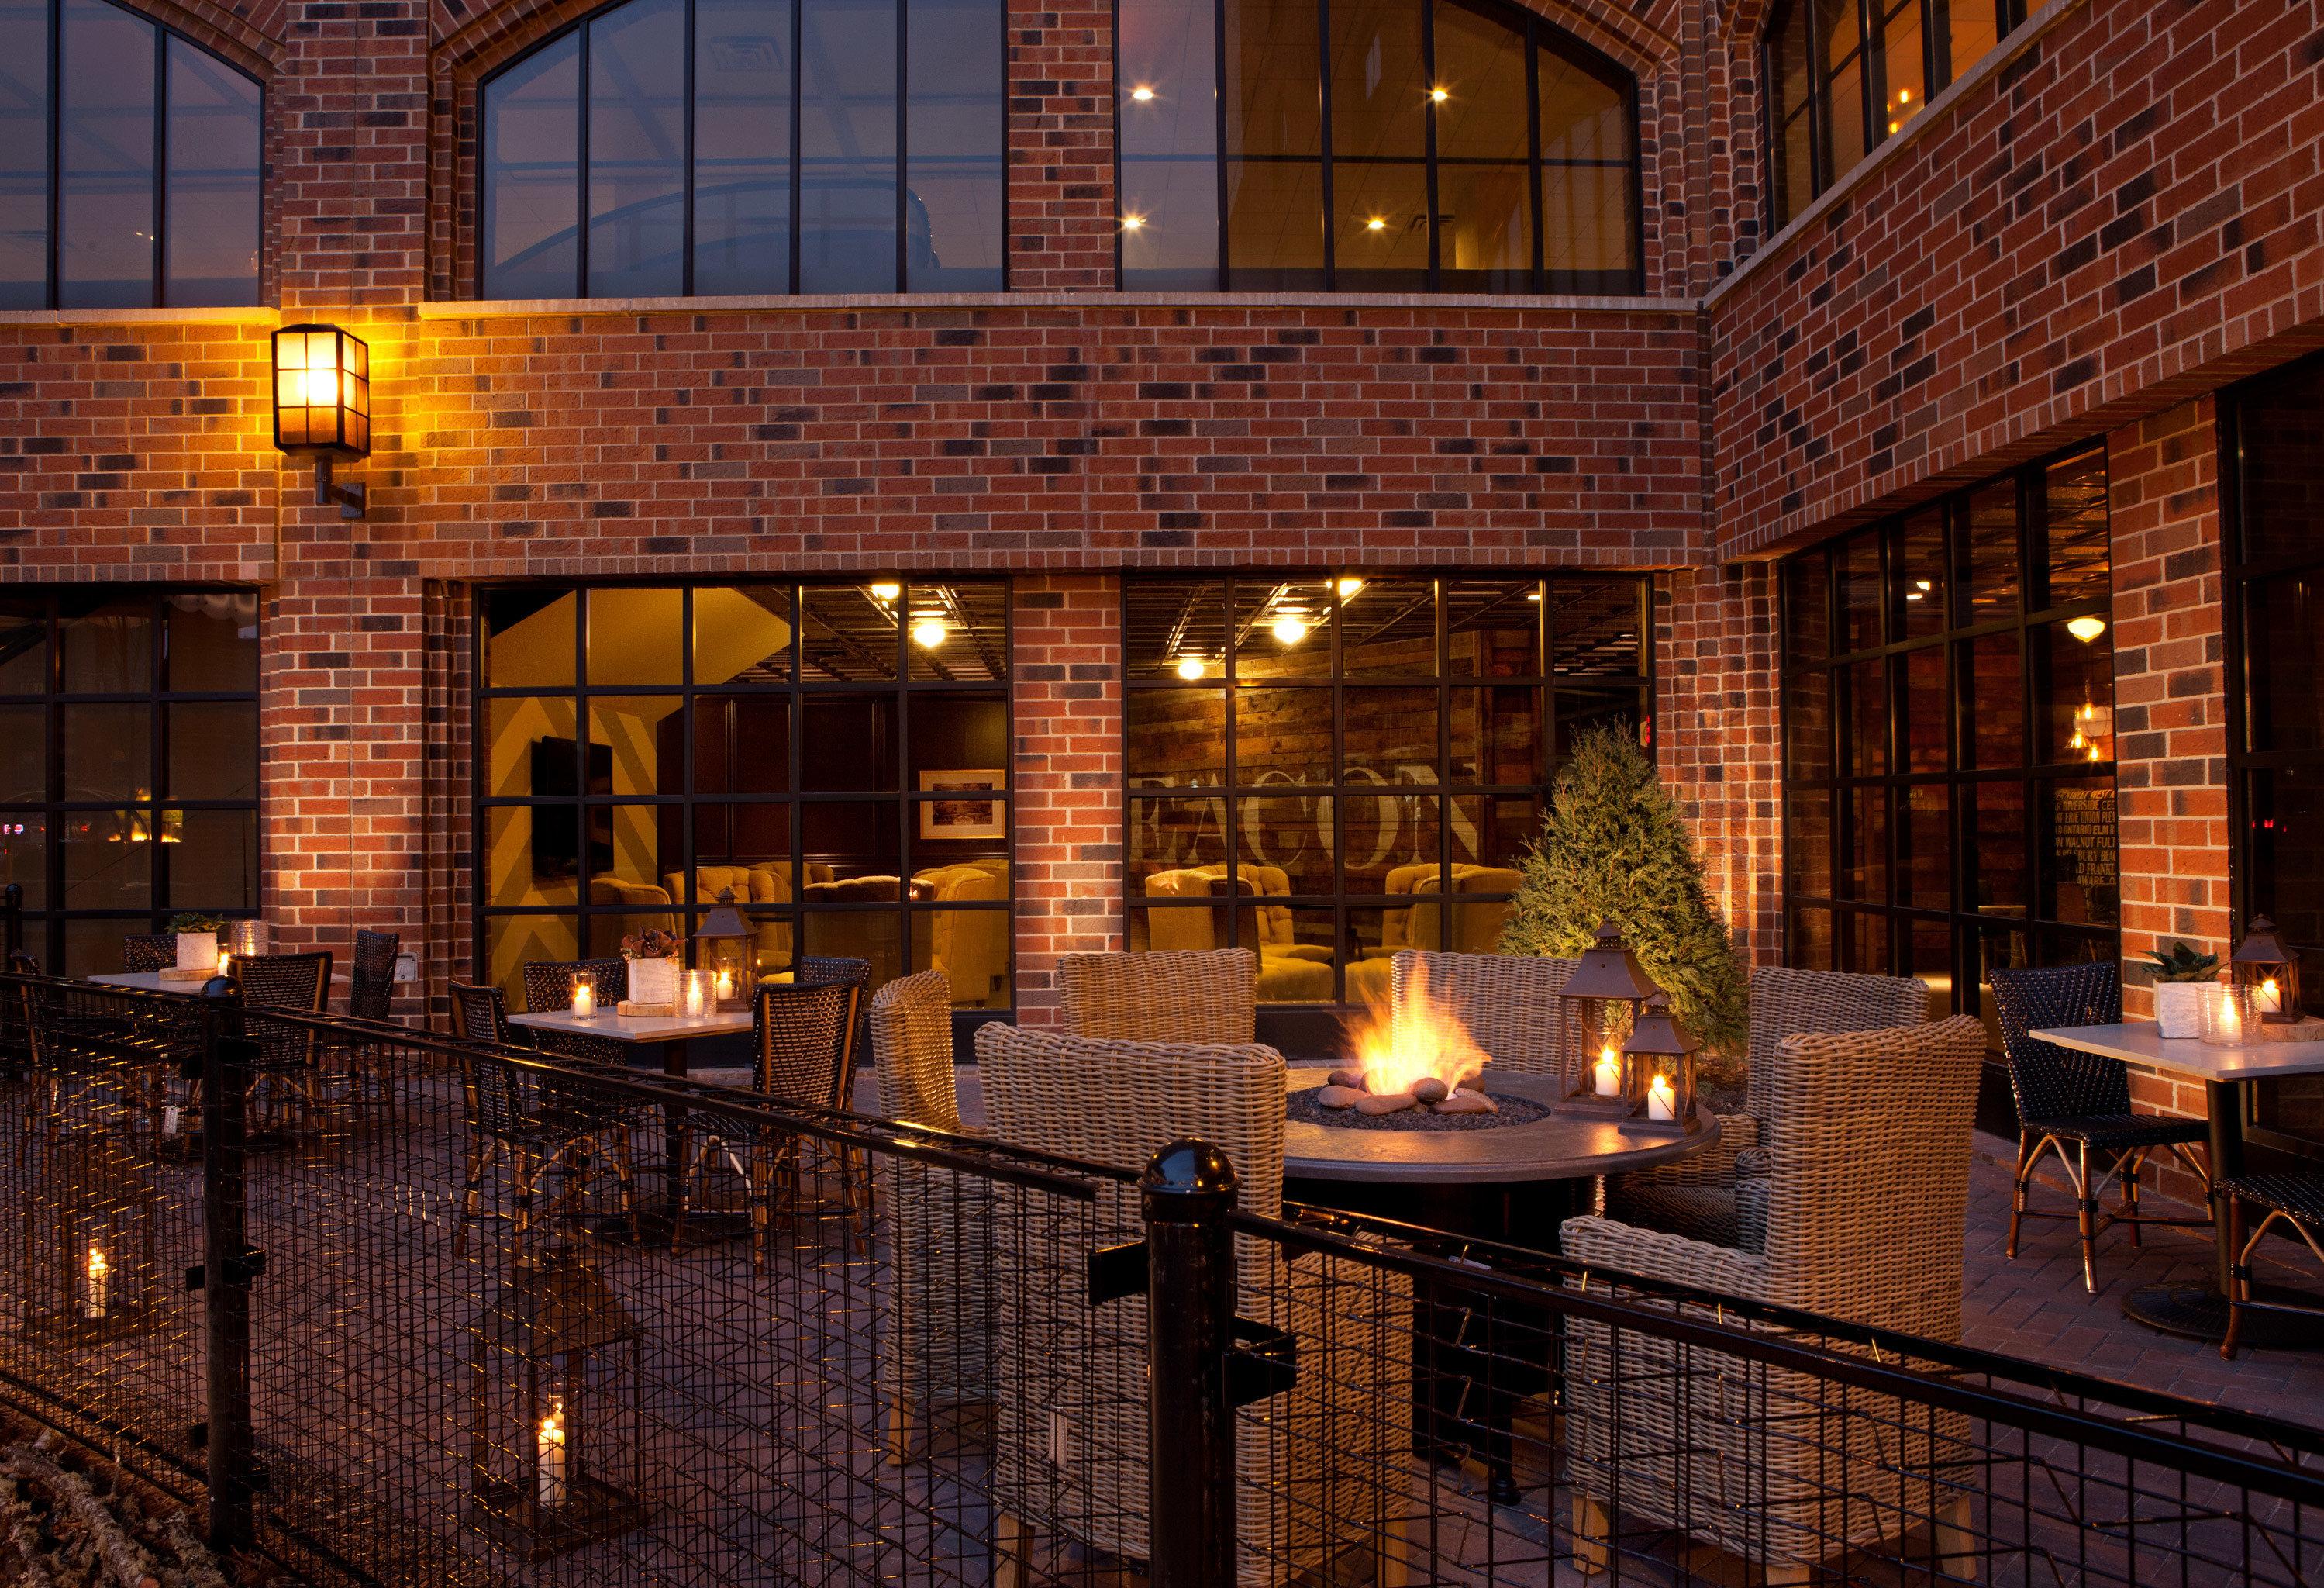 Boutique Deck Drink Eat Firepit Modern Patio building night lighting home brick evening landscape lighting Bar restaurant tiled tile